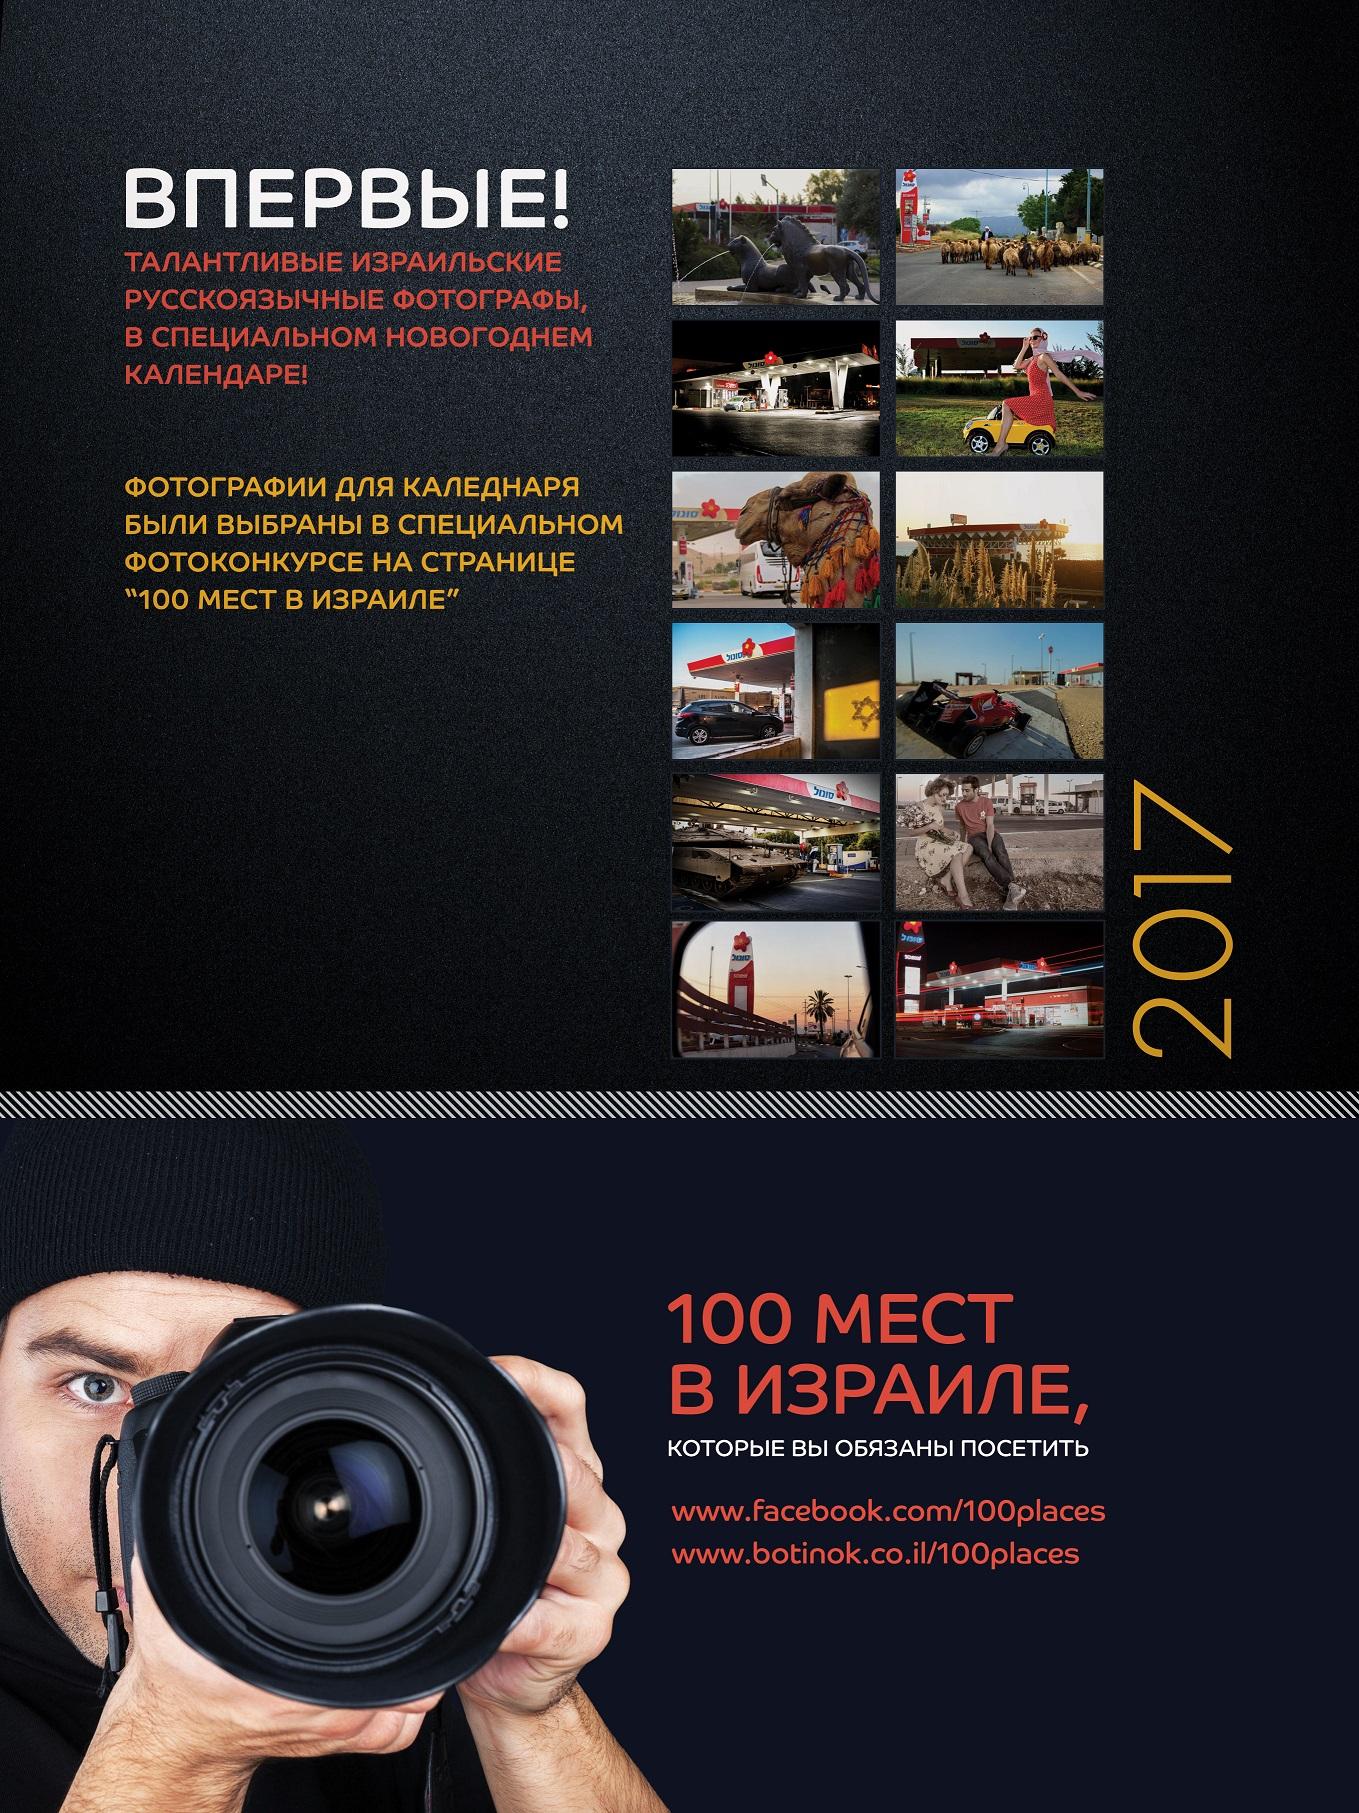 Фотокалендарь талантливых русскоязычных фотографов